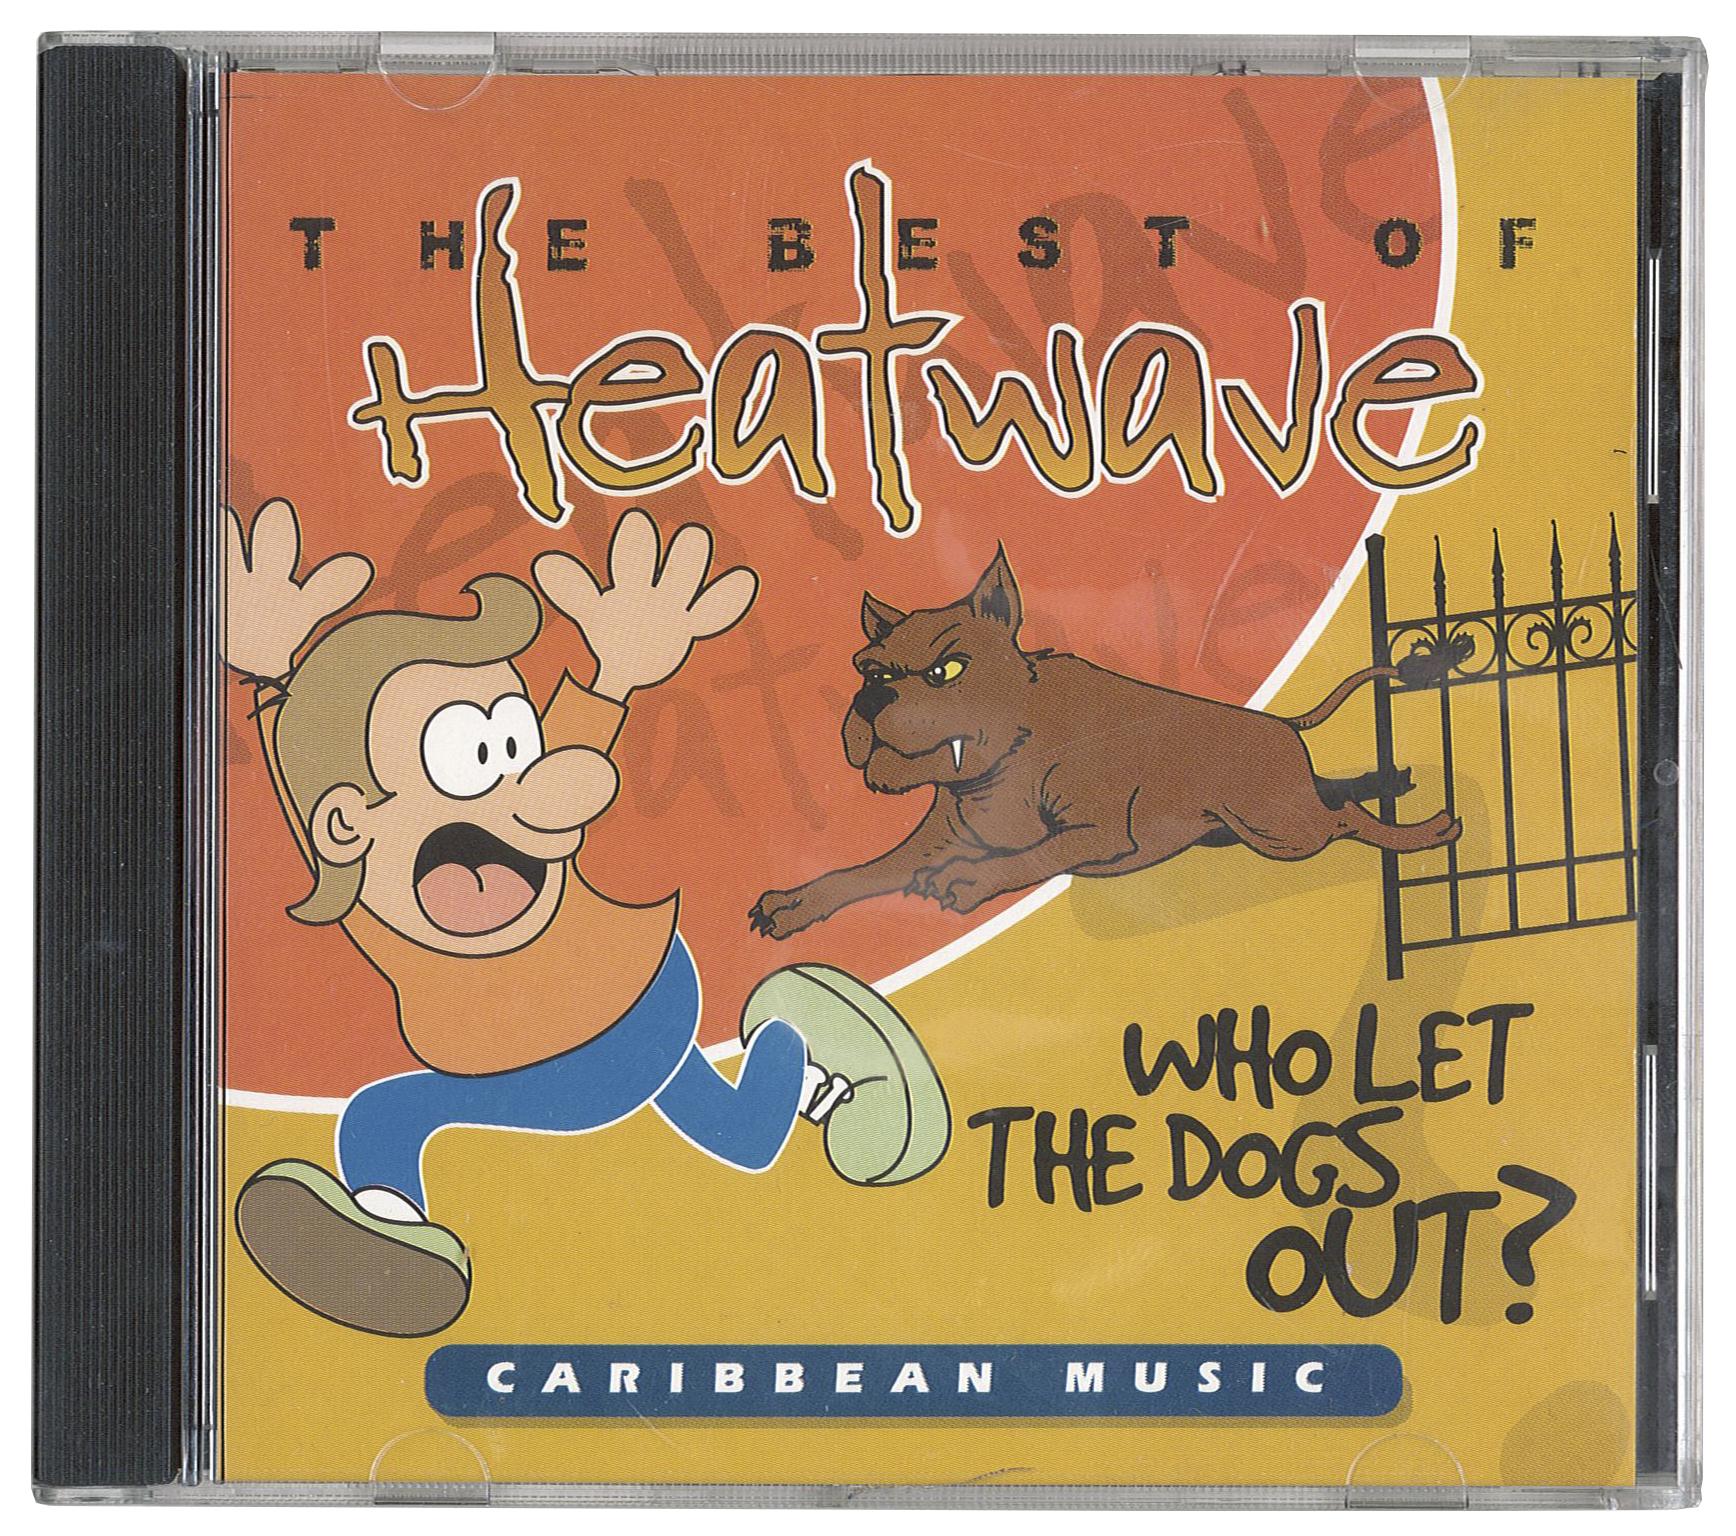 WLWLTDOO-XXXX-CD-HEATWAVE-FRONT.jpg